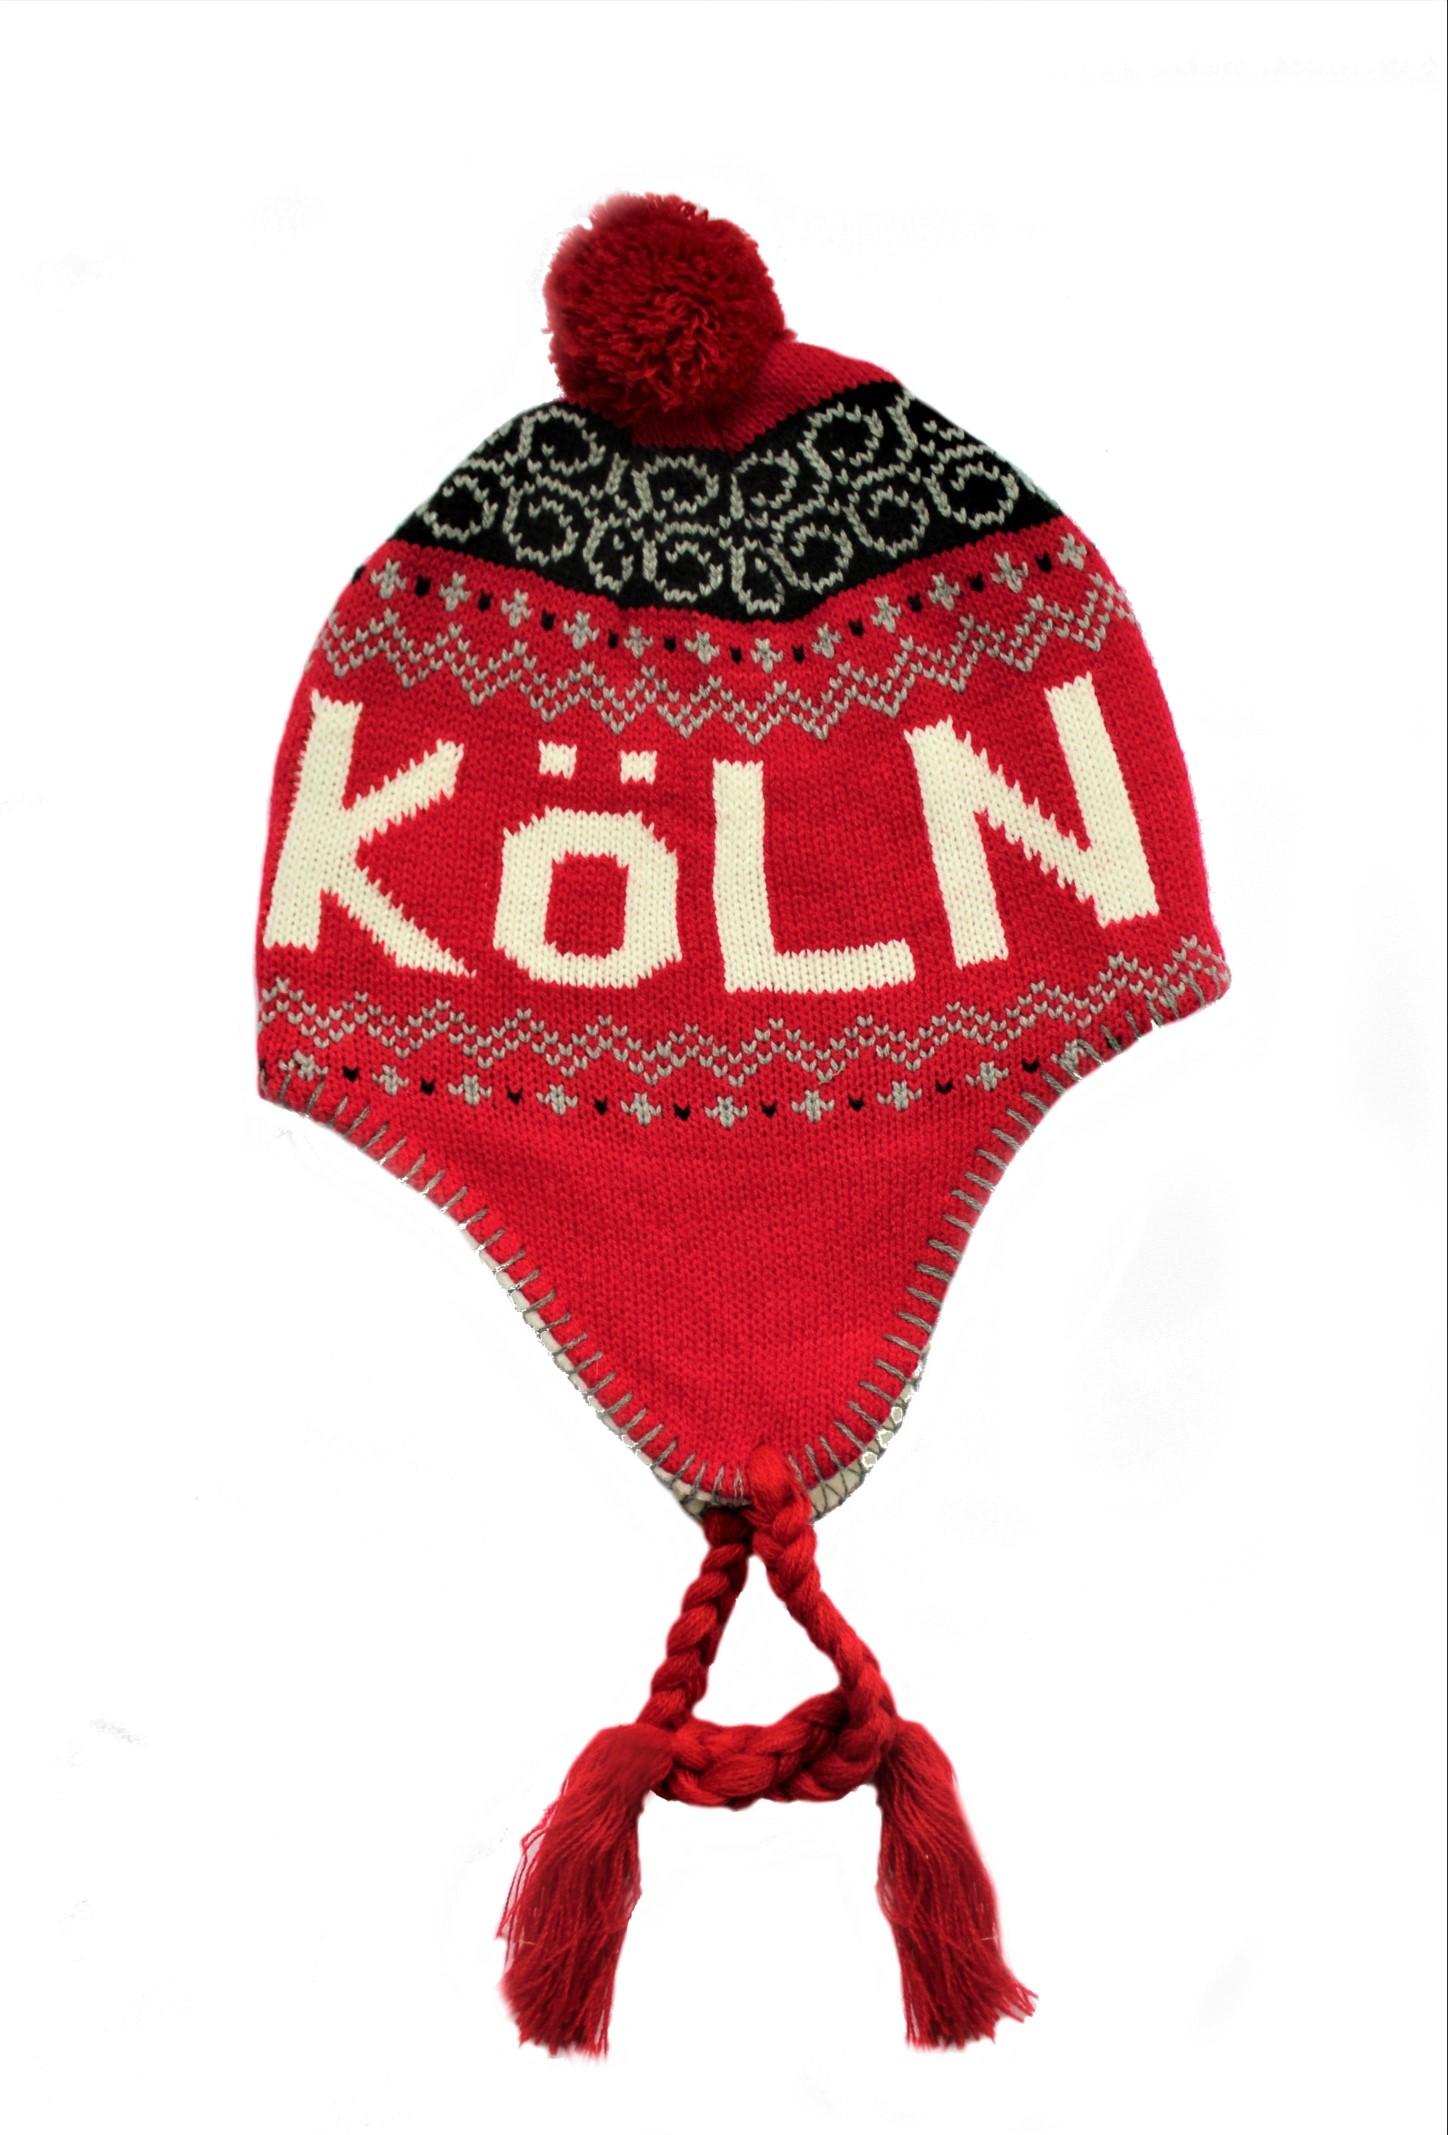 neueste neueste Art von 2019 am besten Köln Strickmütze lang, sortiert, Mottoparty, Köln, Inkamütze ...